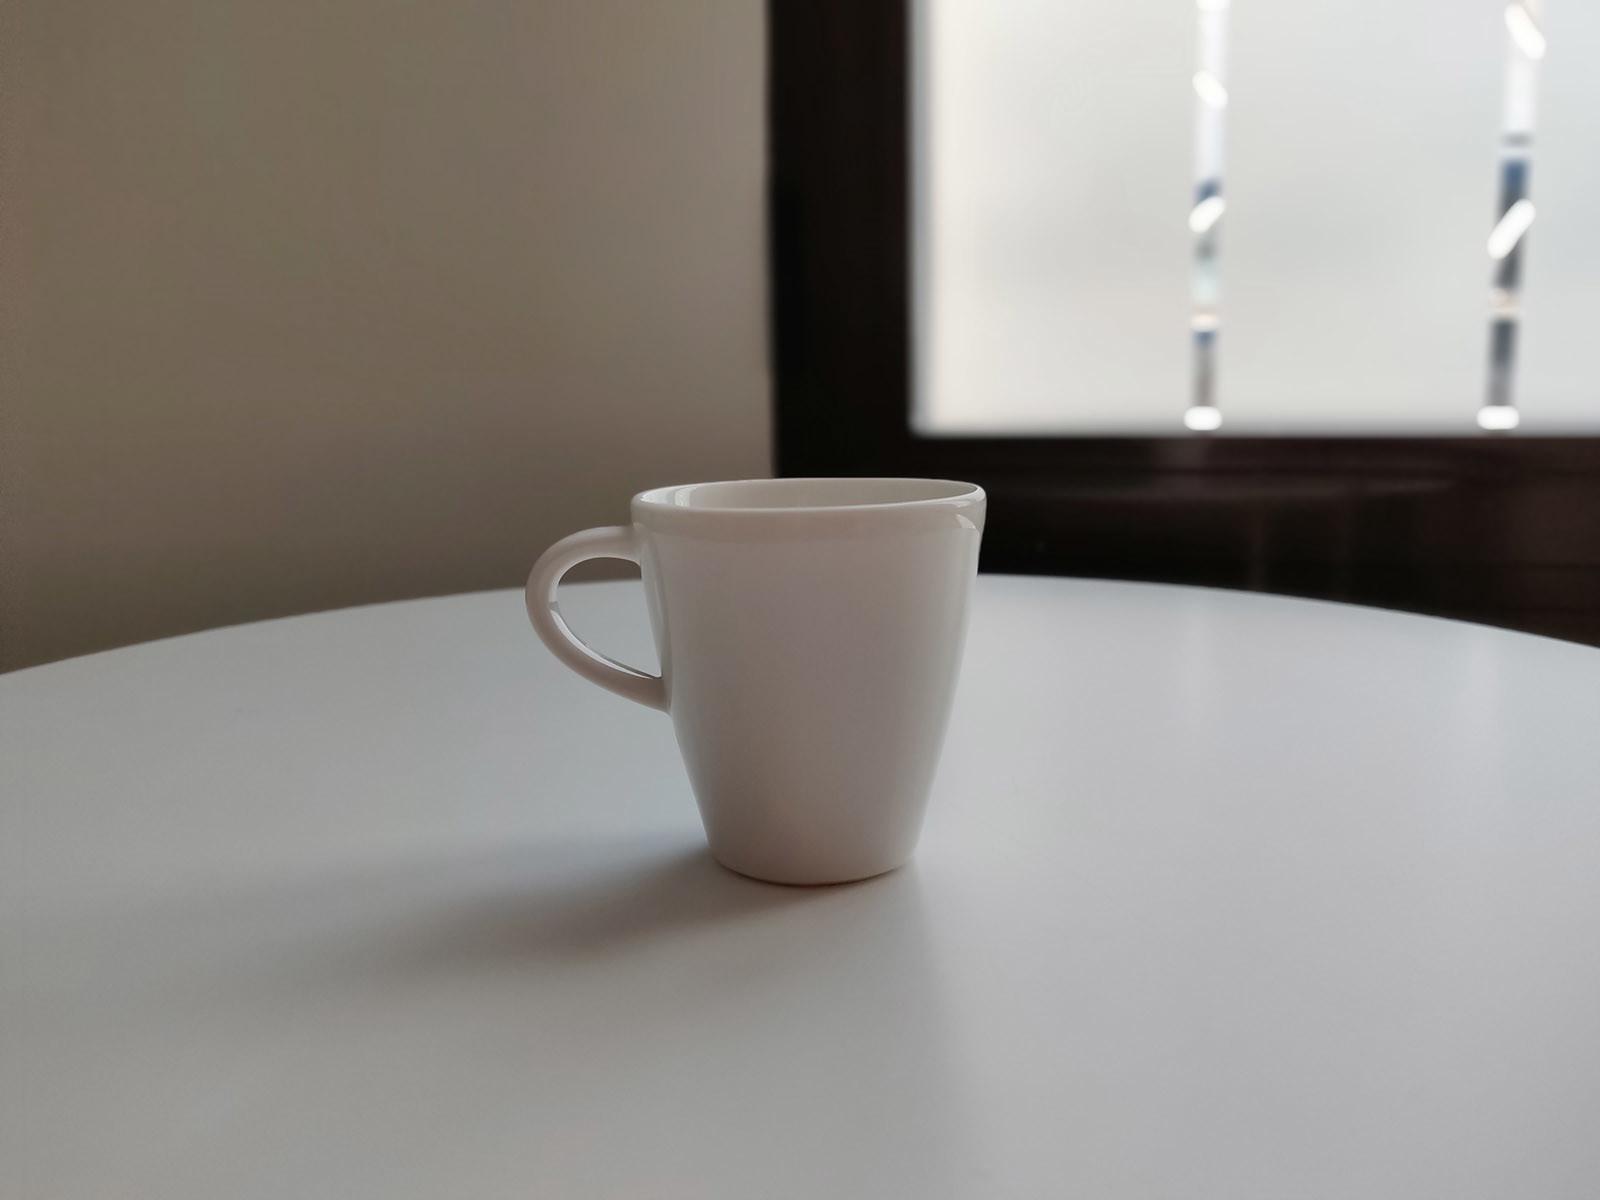 Foto de OnePlus 6, galería fotográfica (19/33)